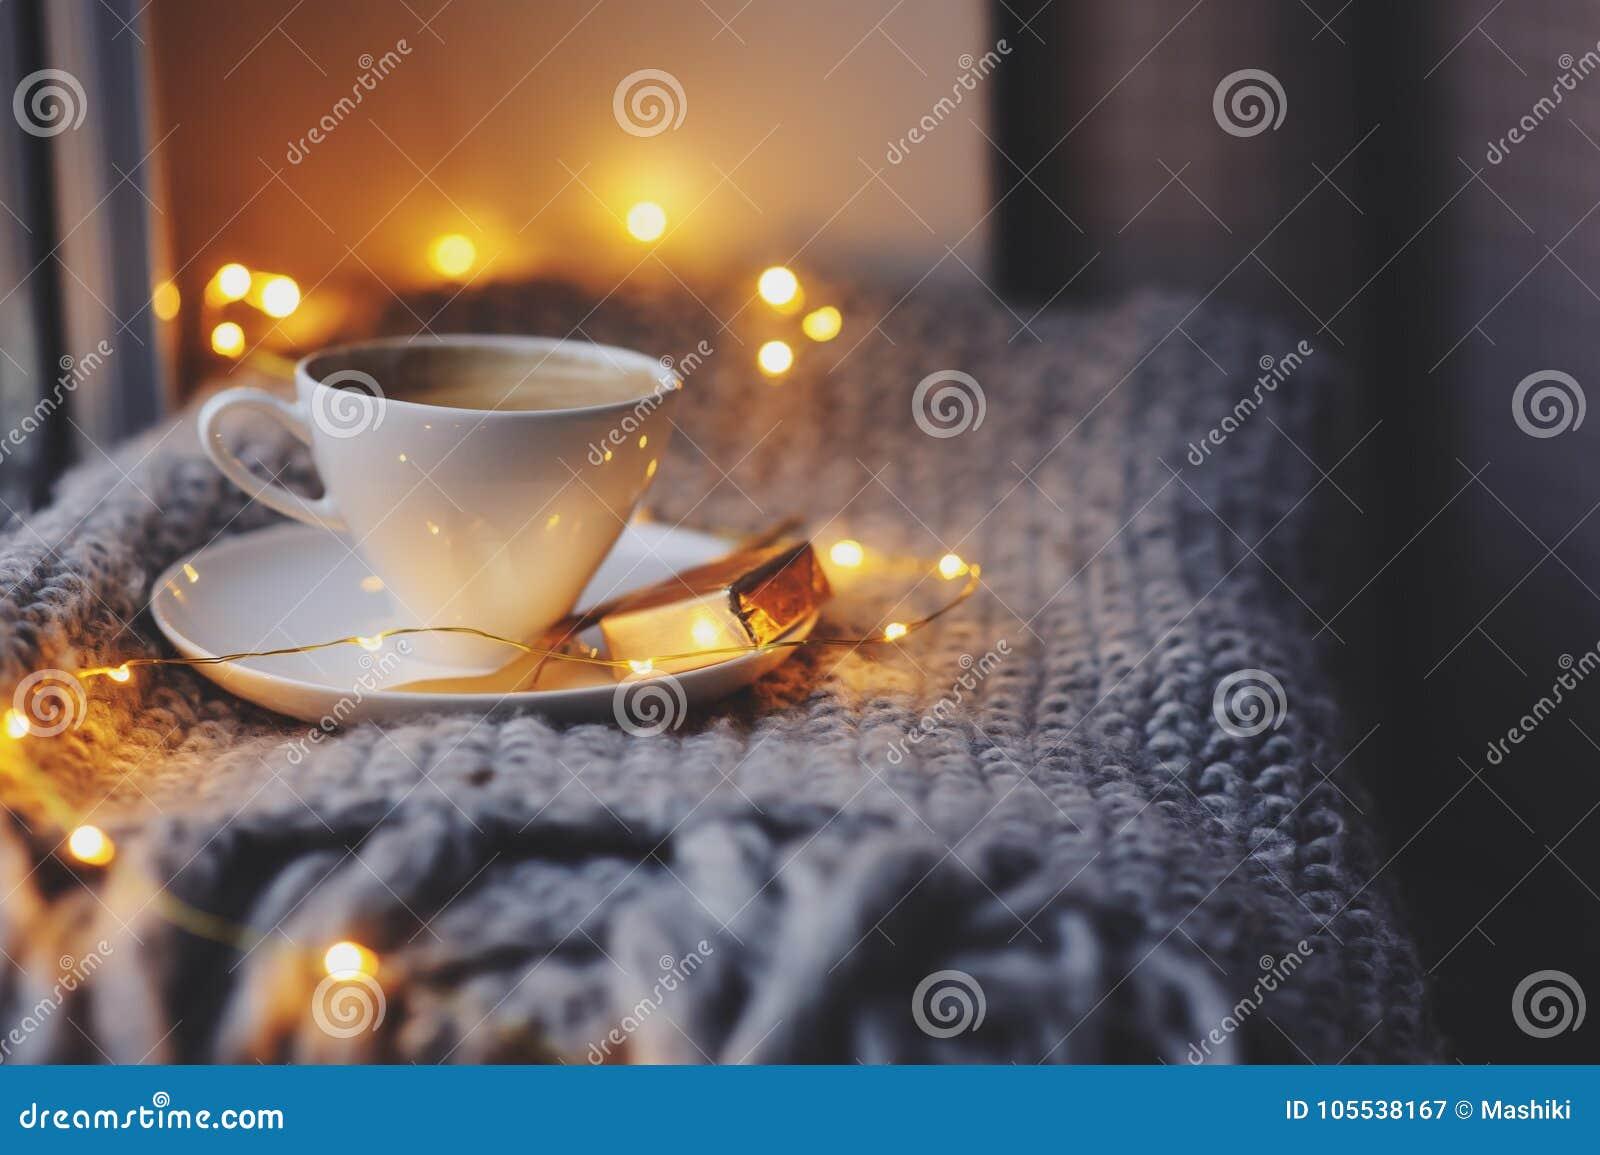 Уютное утро зимы или осени дома Горячий кофе с ложкой золота металлической, греет света одеяла, гирлянды и свечи